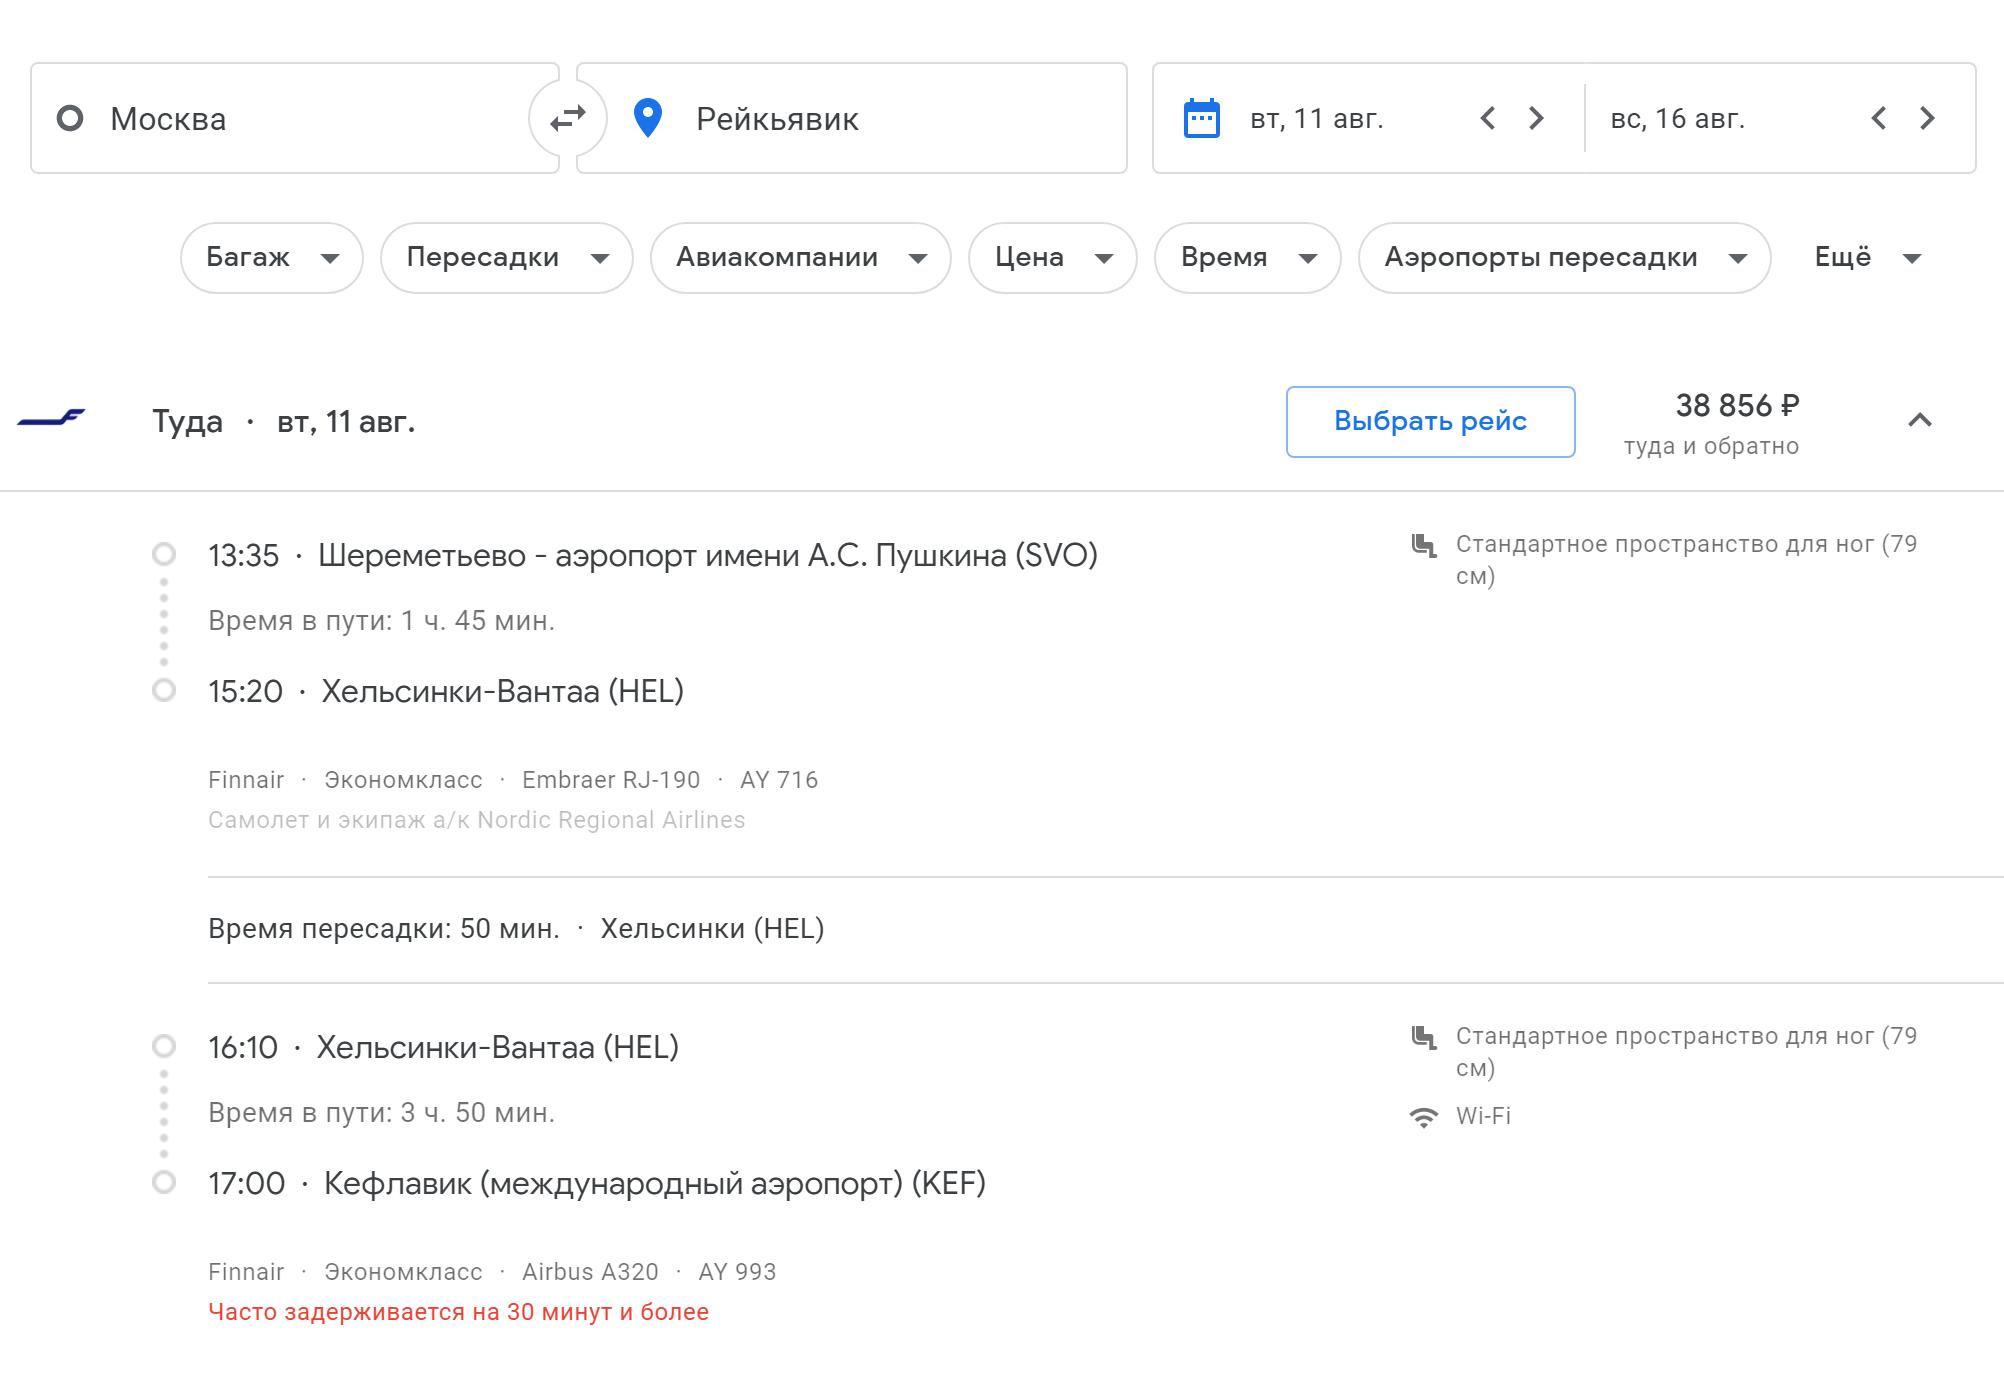 Билет из Москвы с одной короткой пересадкой в Хельсинки